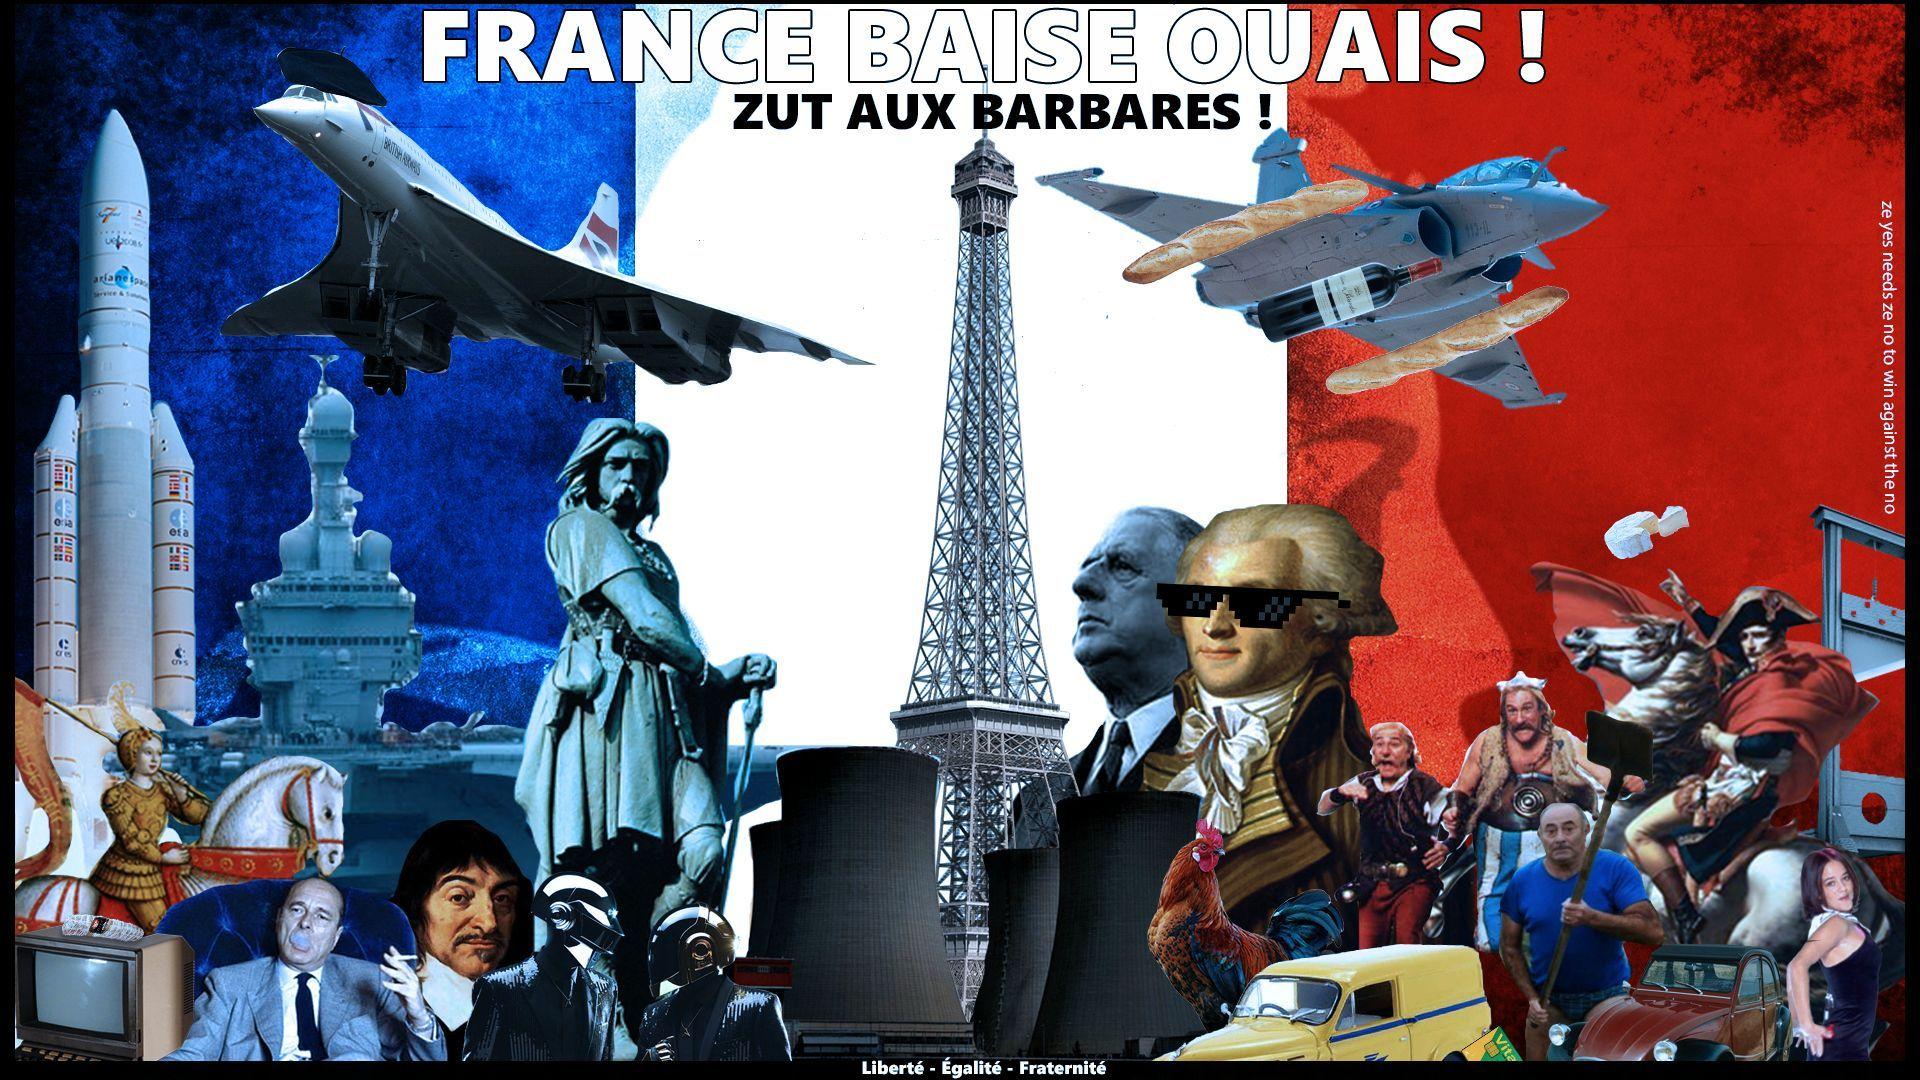 France baise ouais